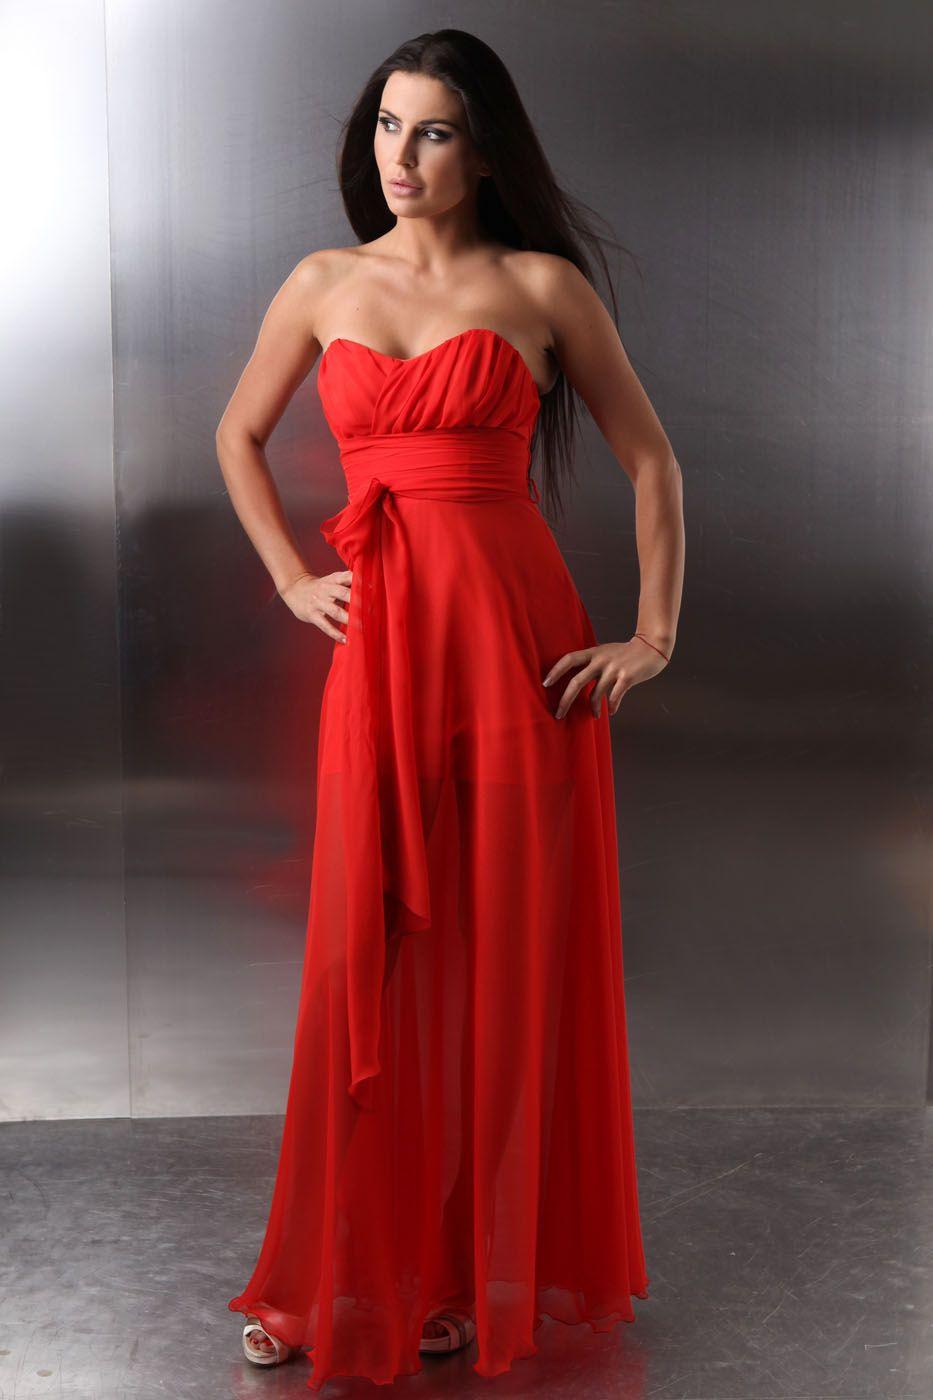 13 Top Rote Abend Kleid Bester PreisFormal Kreativ Rote Abend Kleid Vertrieb